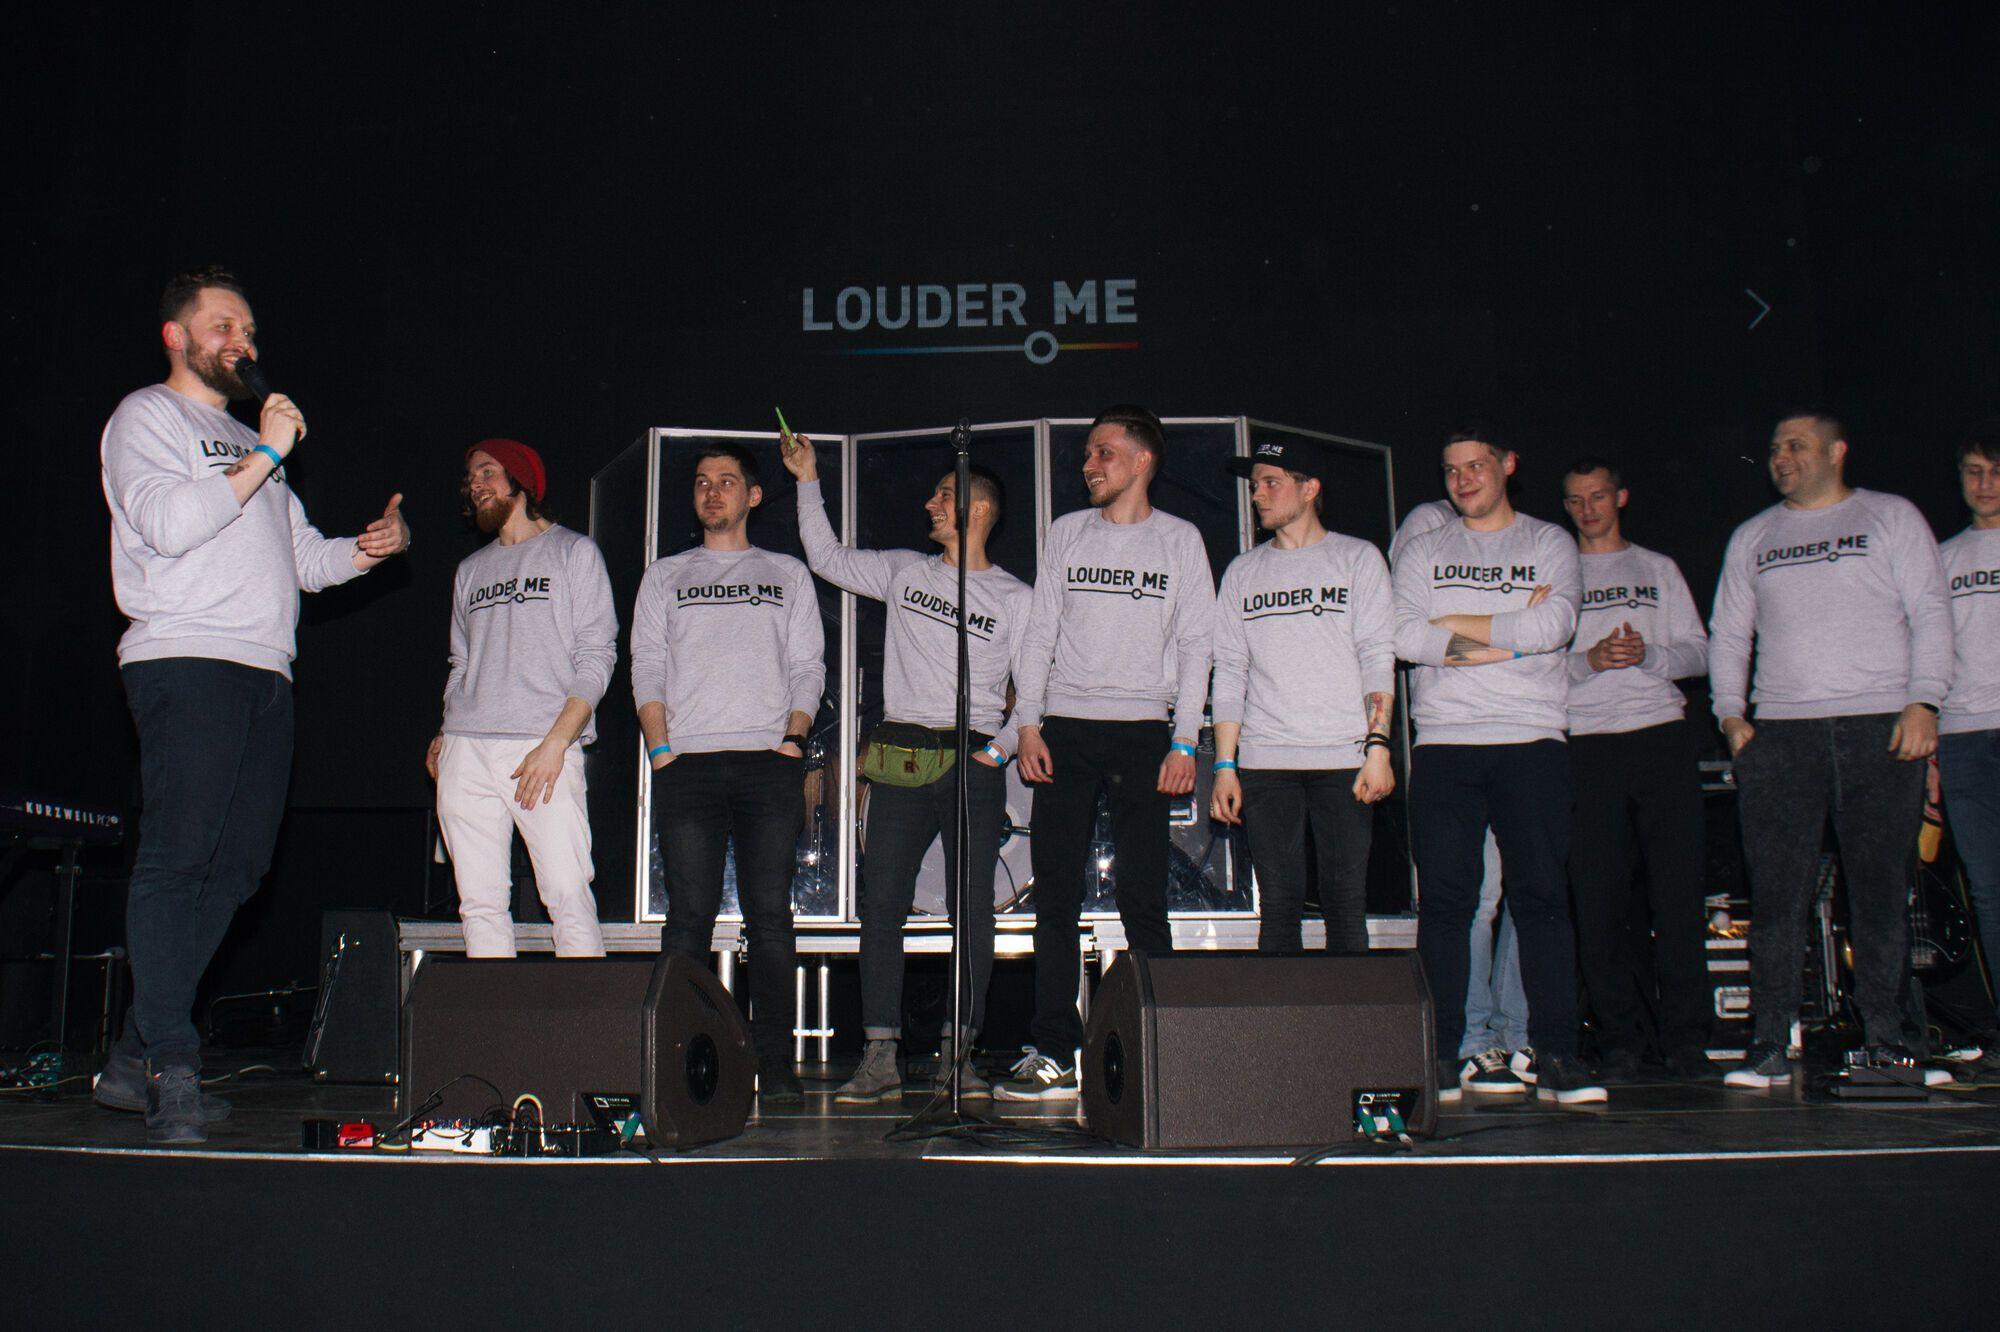 У Києві презентували музичний додаток Louder.me